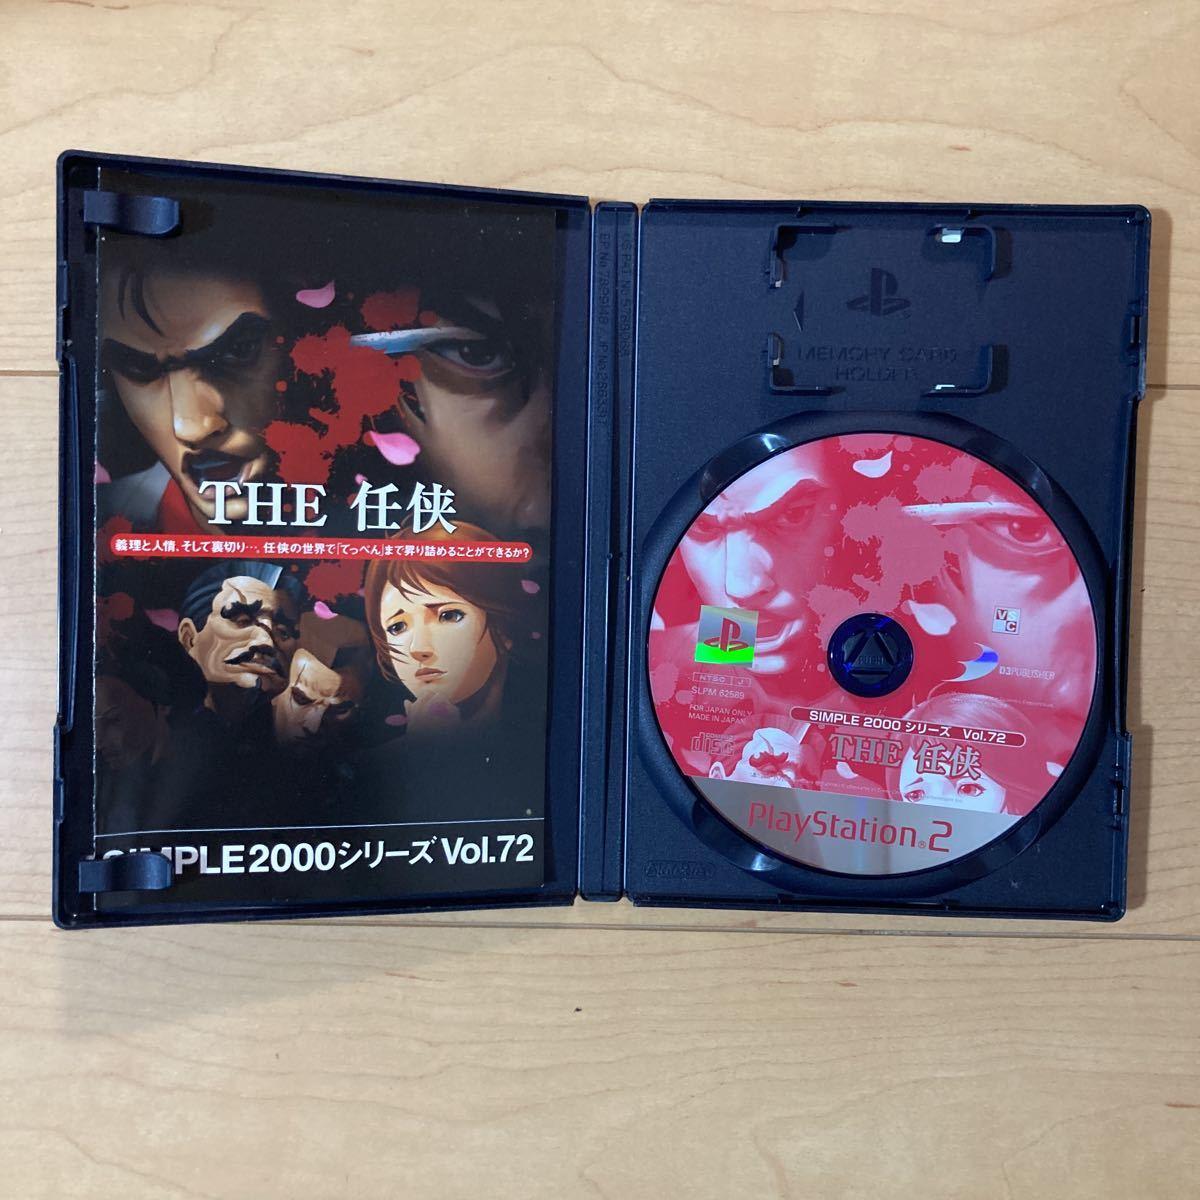 【送料無料】PS2ソフト THE 任侠 SIMPLE2000シリーズ